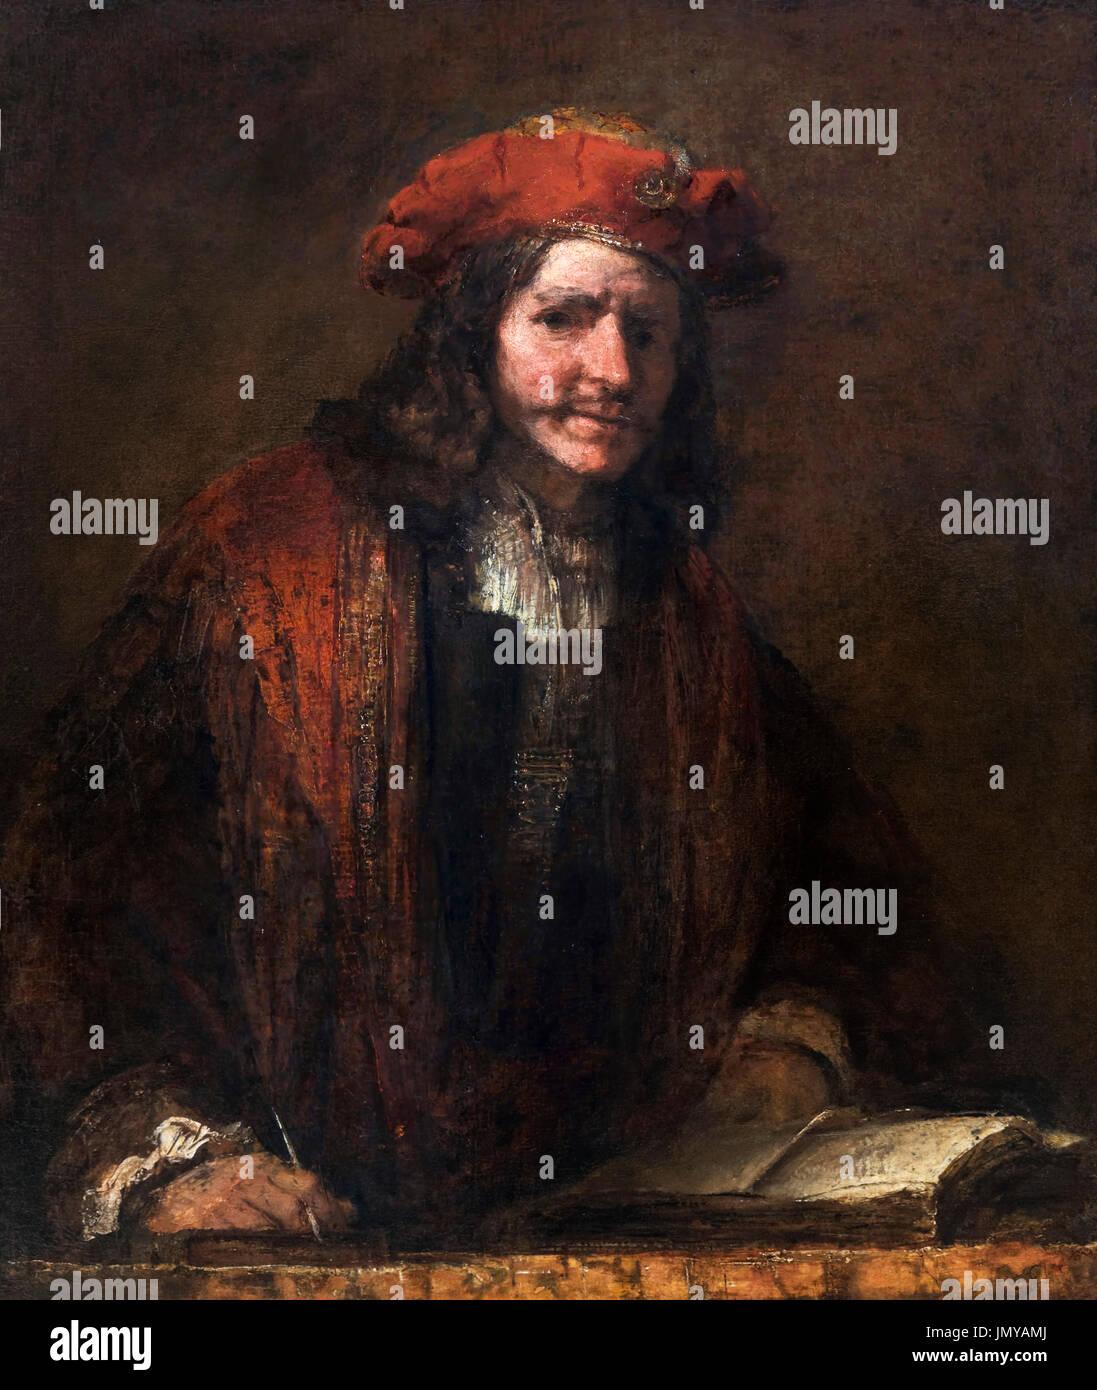 The Man with the Red Cap (De Man met de Rode Muts), attributed to Rembrandt van Rijn, oil on canvas, c.1660. - Stock Image